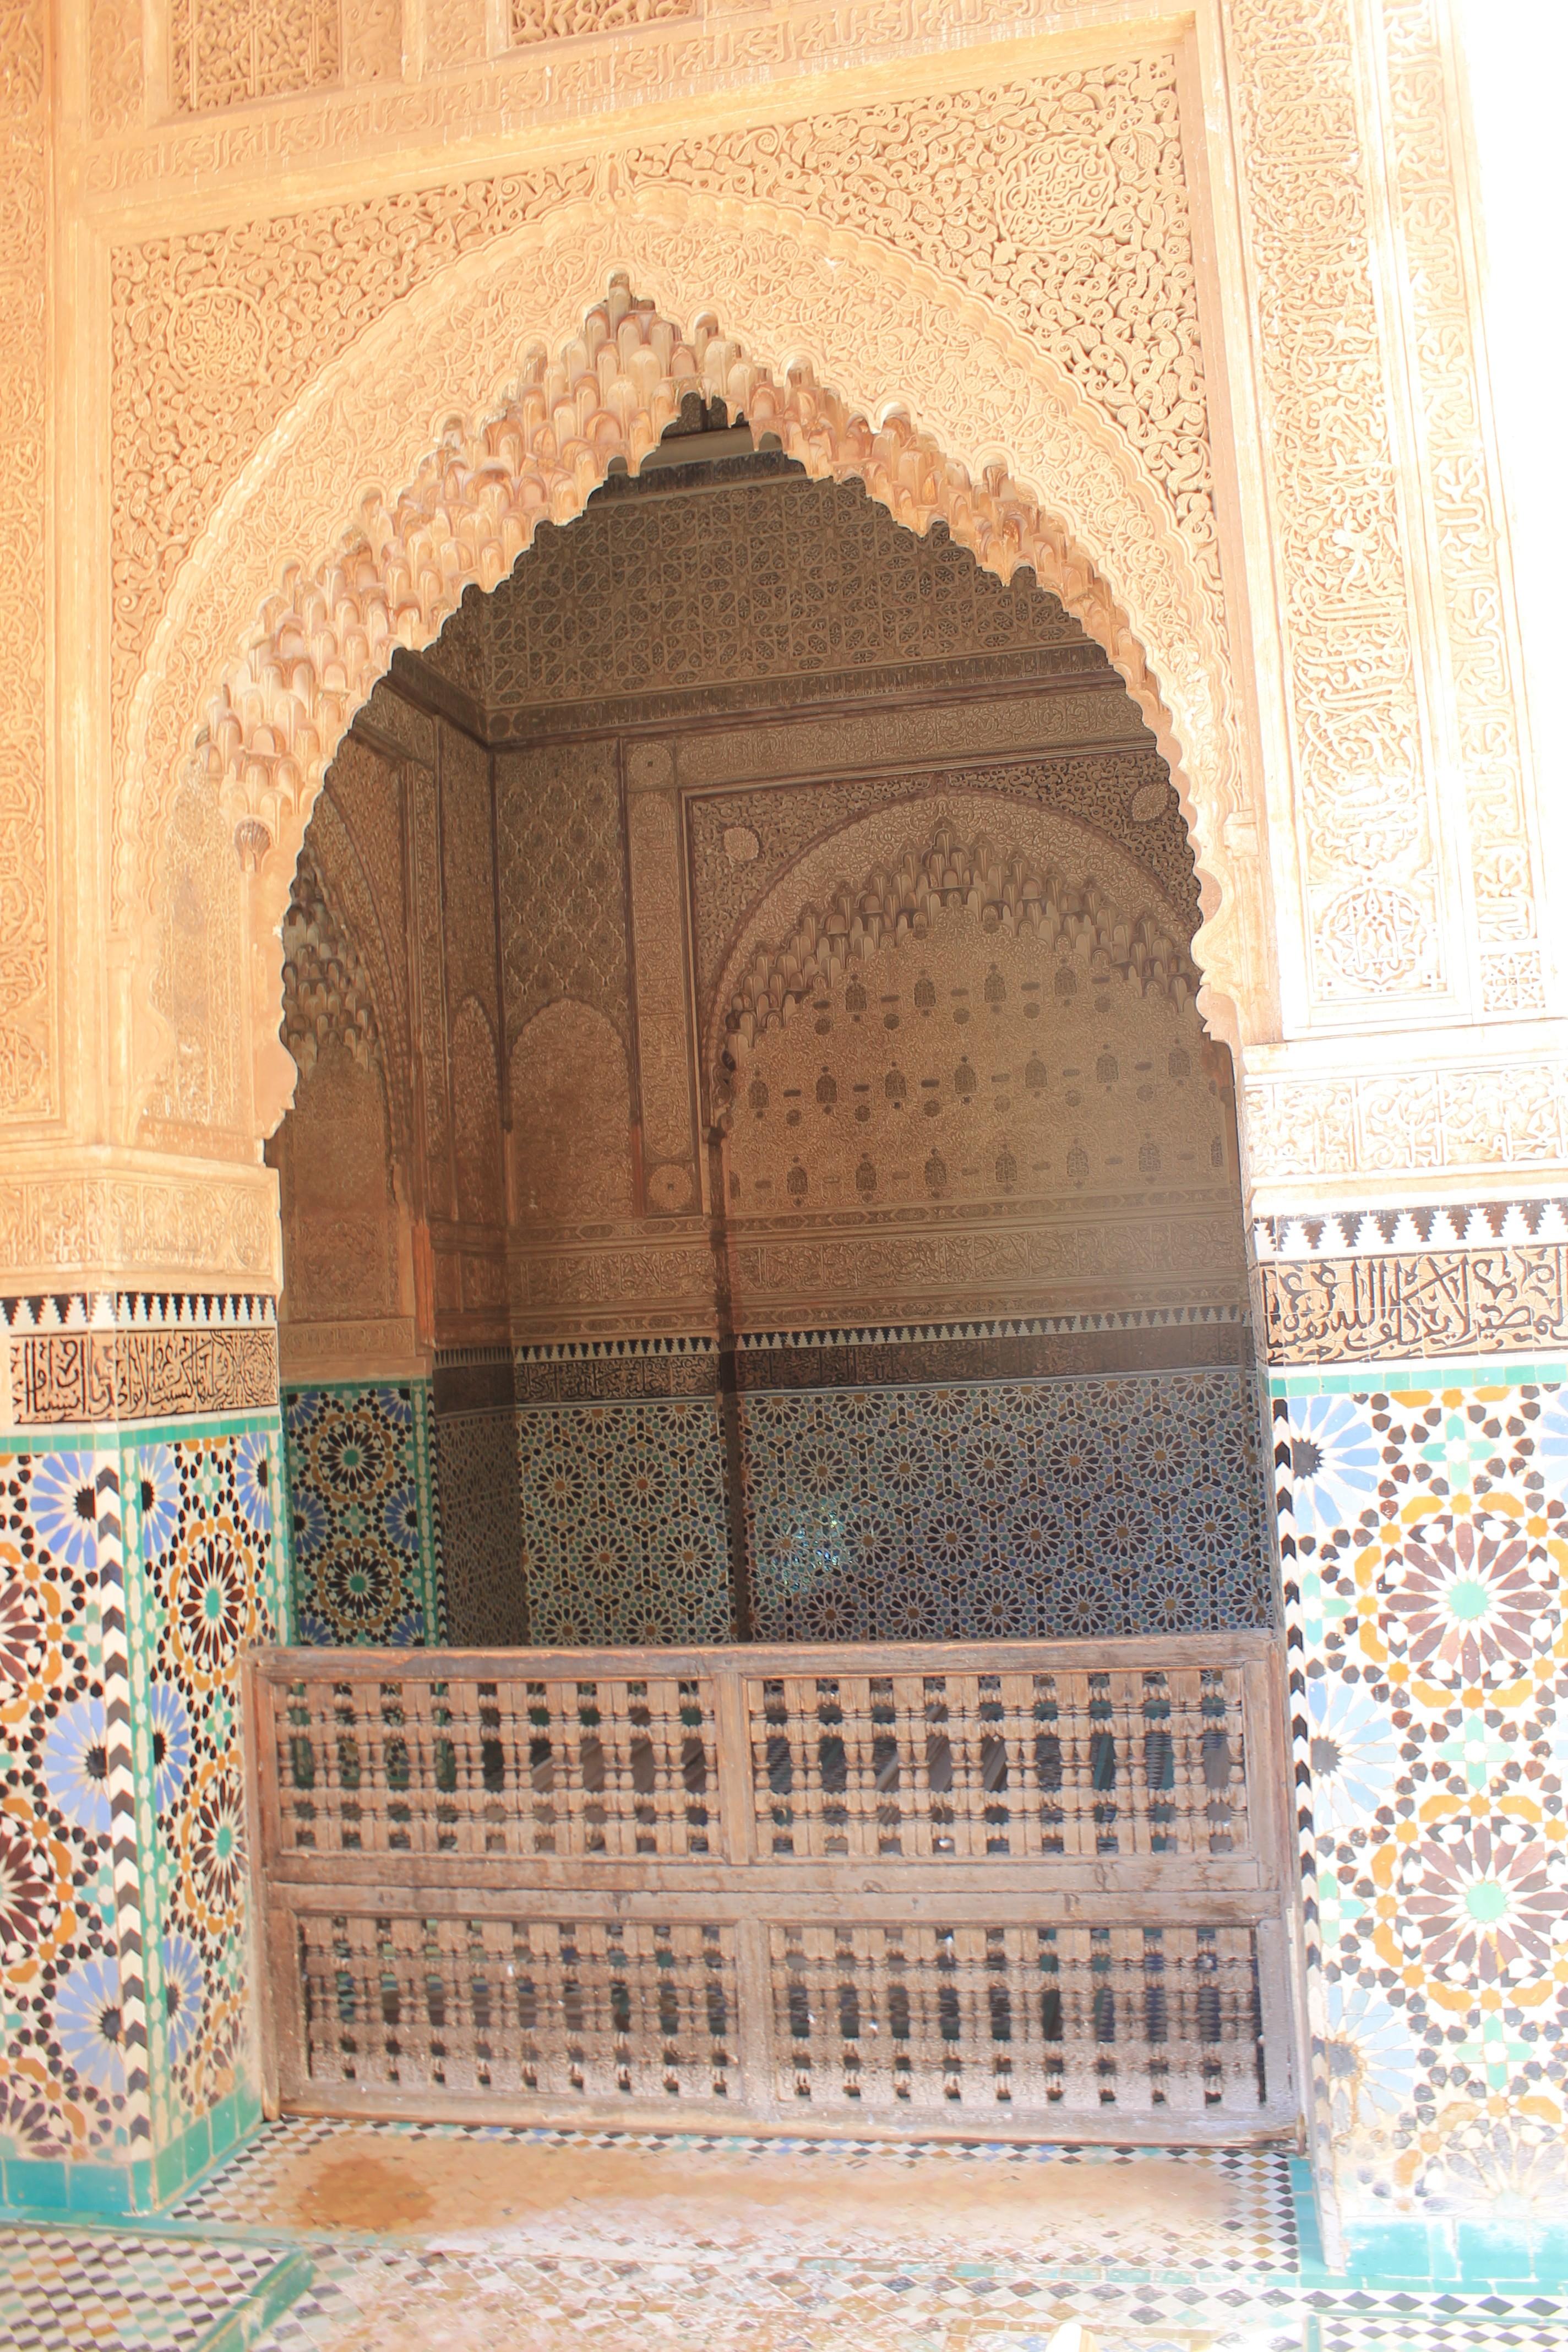 Les tombeaux saâdiens de Marrakech